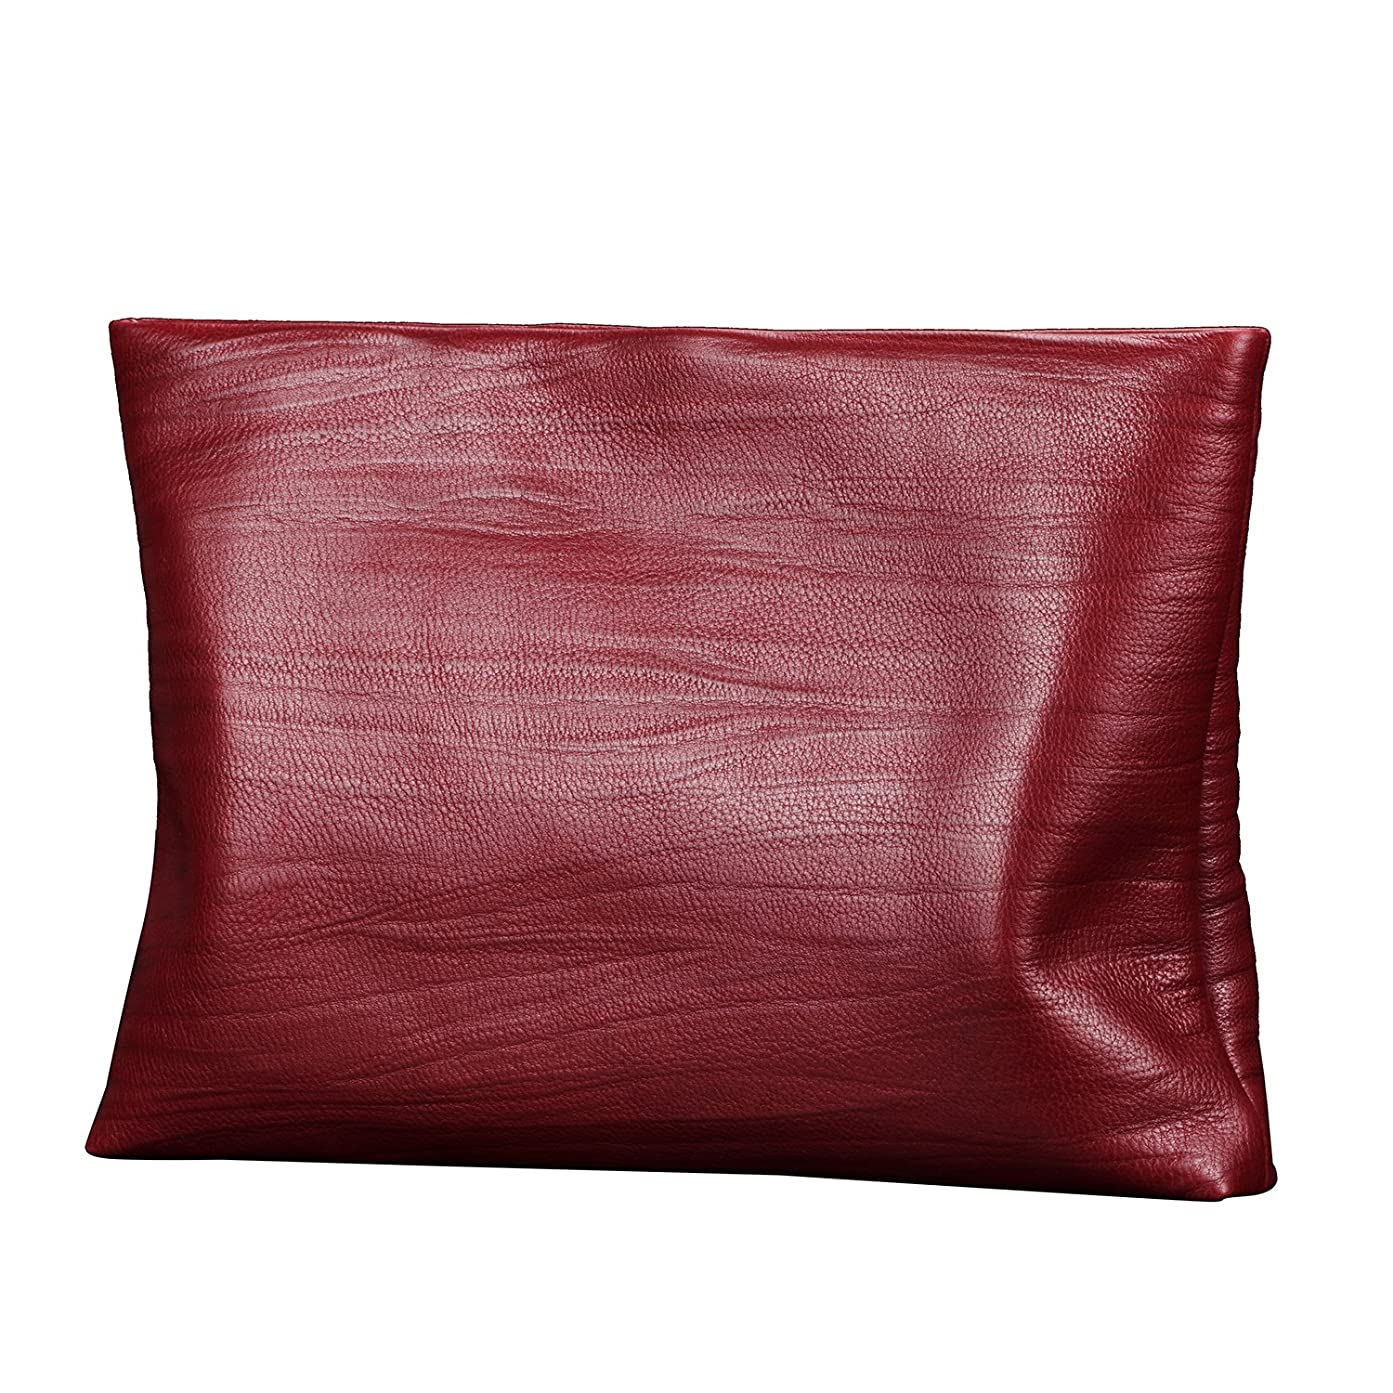 近似治す世代クラッチ セカンドバッグ 牛革 クラッチバッグ メンズ バッグ レザー かわいい 大容量 大 封筒サイズ バッグ パボジョエ Pabojoe(4色)